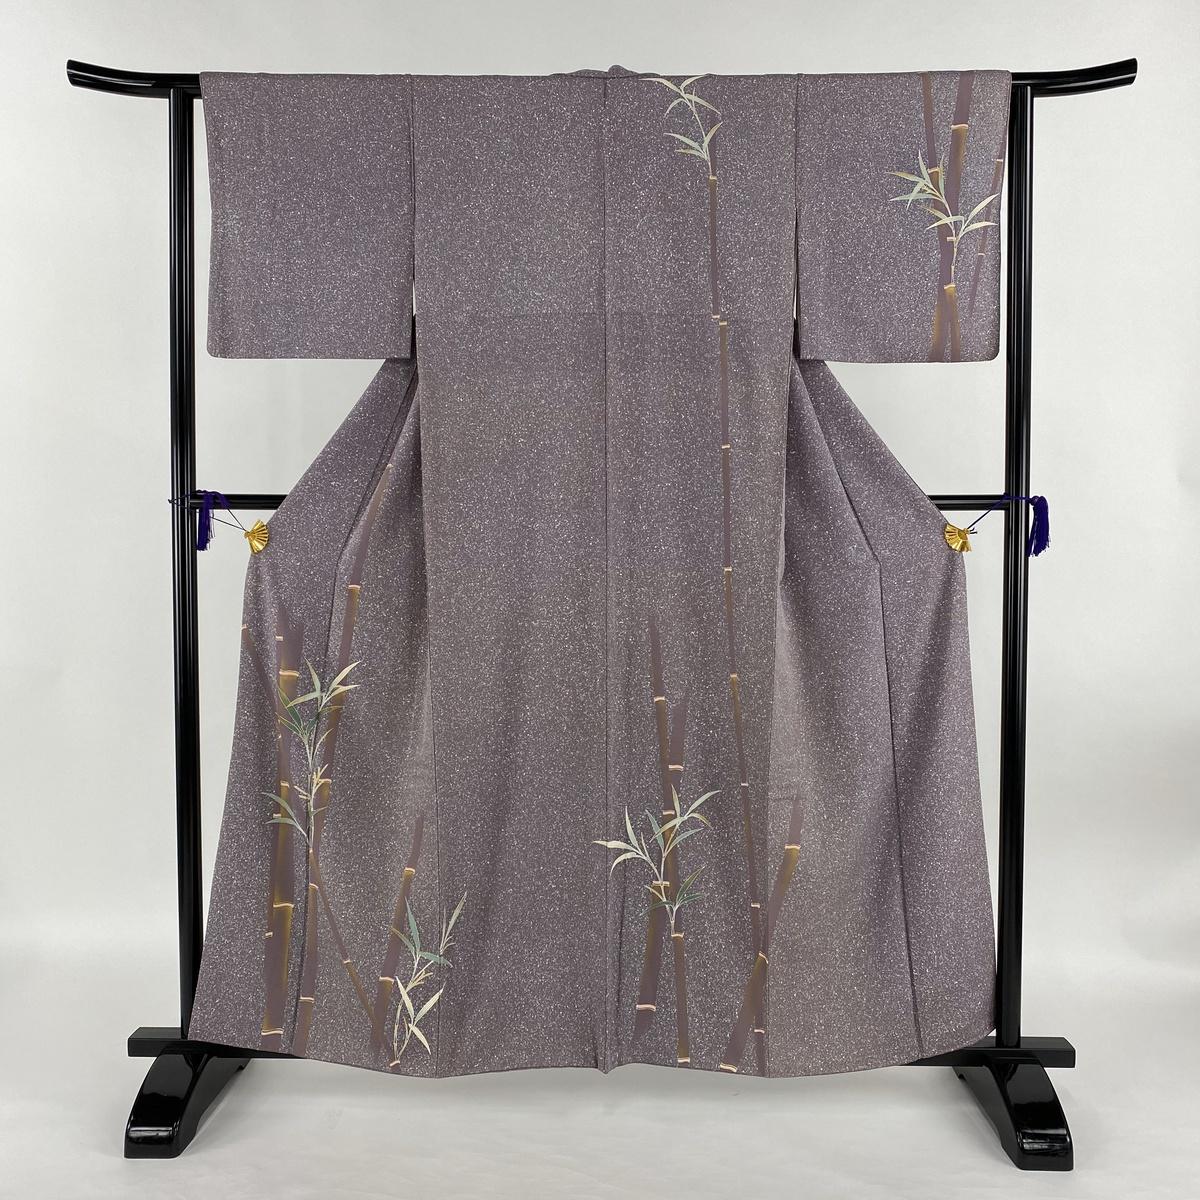 訪問着 名品 竹 たたき染め風 金彩 紫 袷 身丈158.5cm 裄丈63cm S 正絹 【中古】